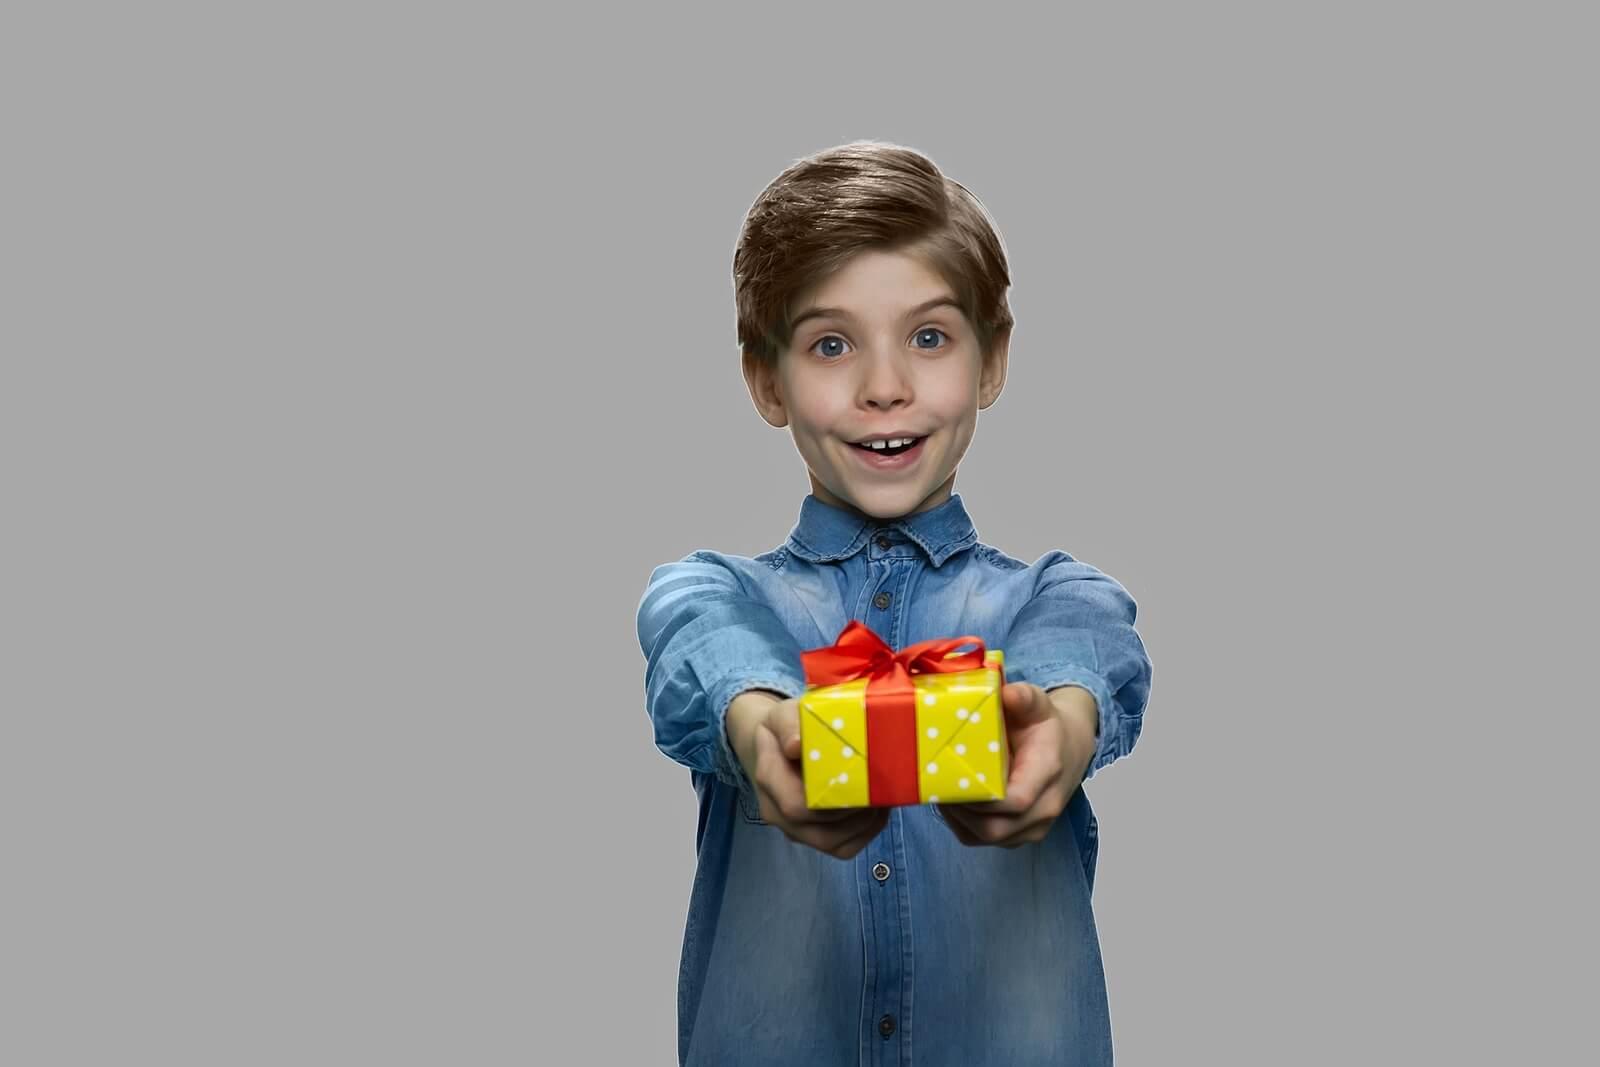 Niño haciendo regalos solidarios a sus familiares.